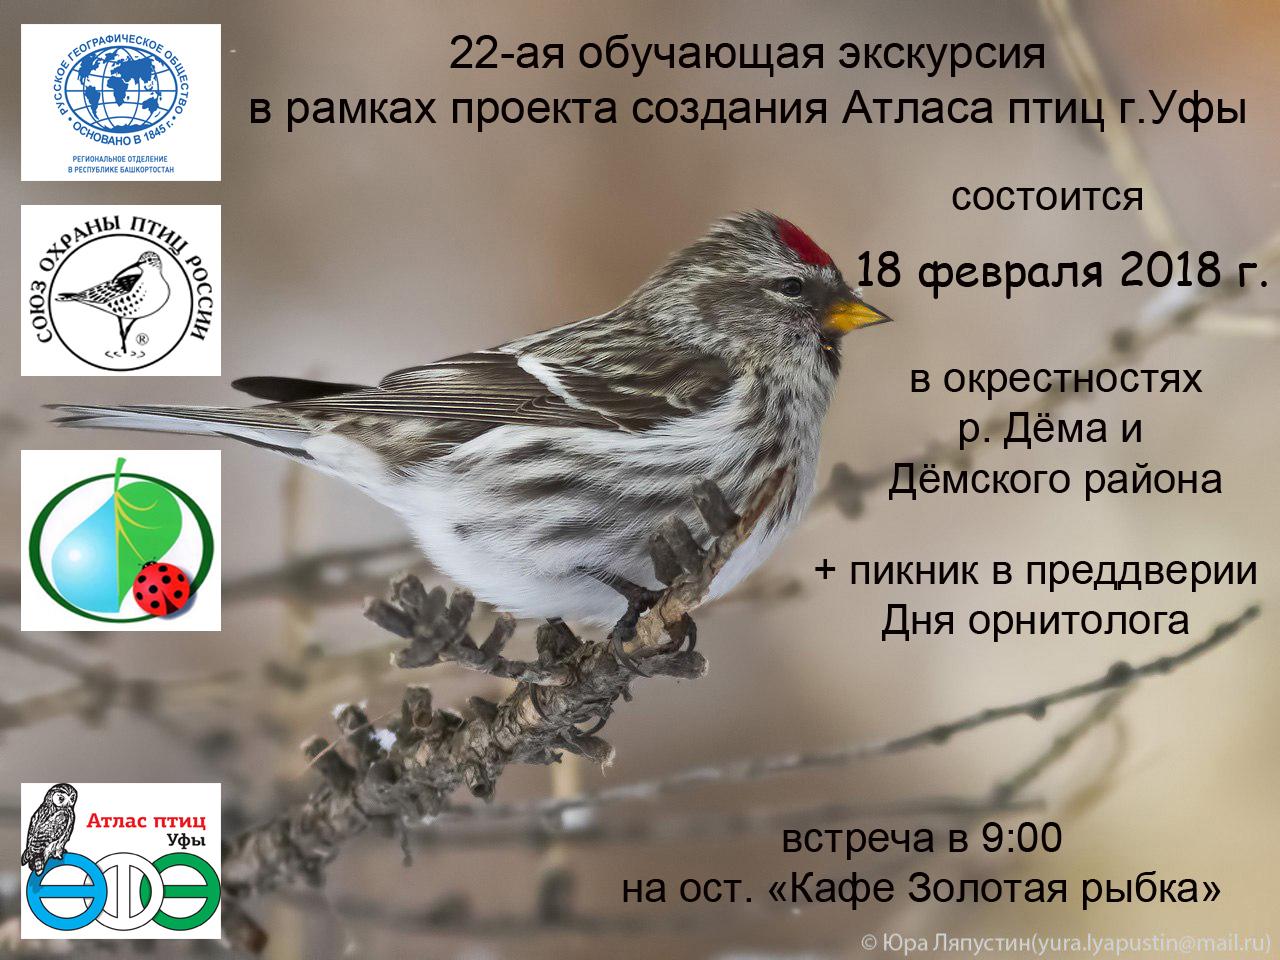 Орнитологическая экскурсия в окрестностях Дёмы в Уфе